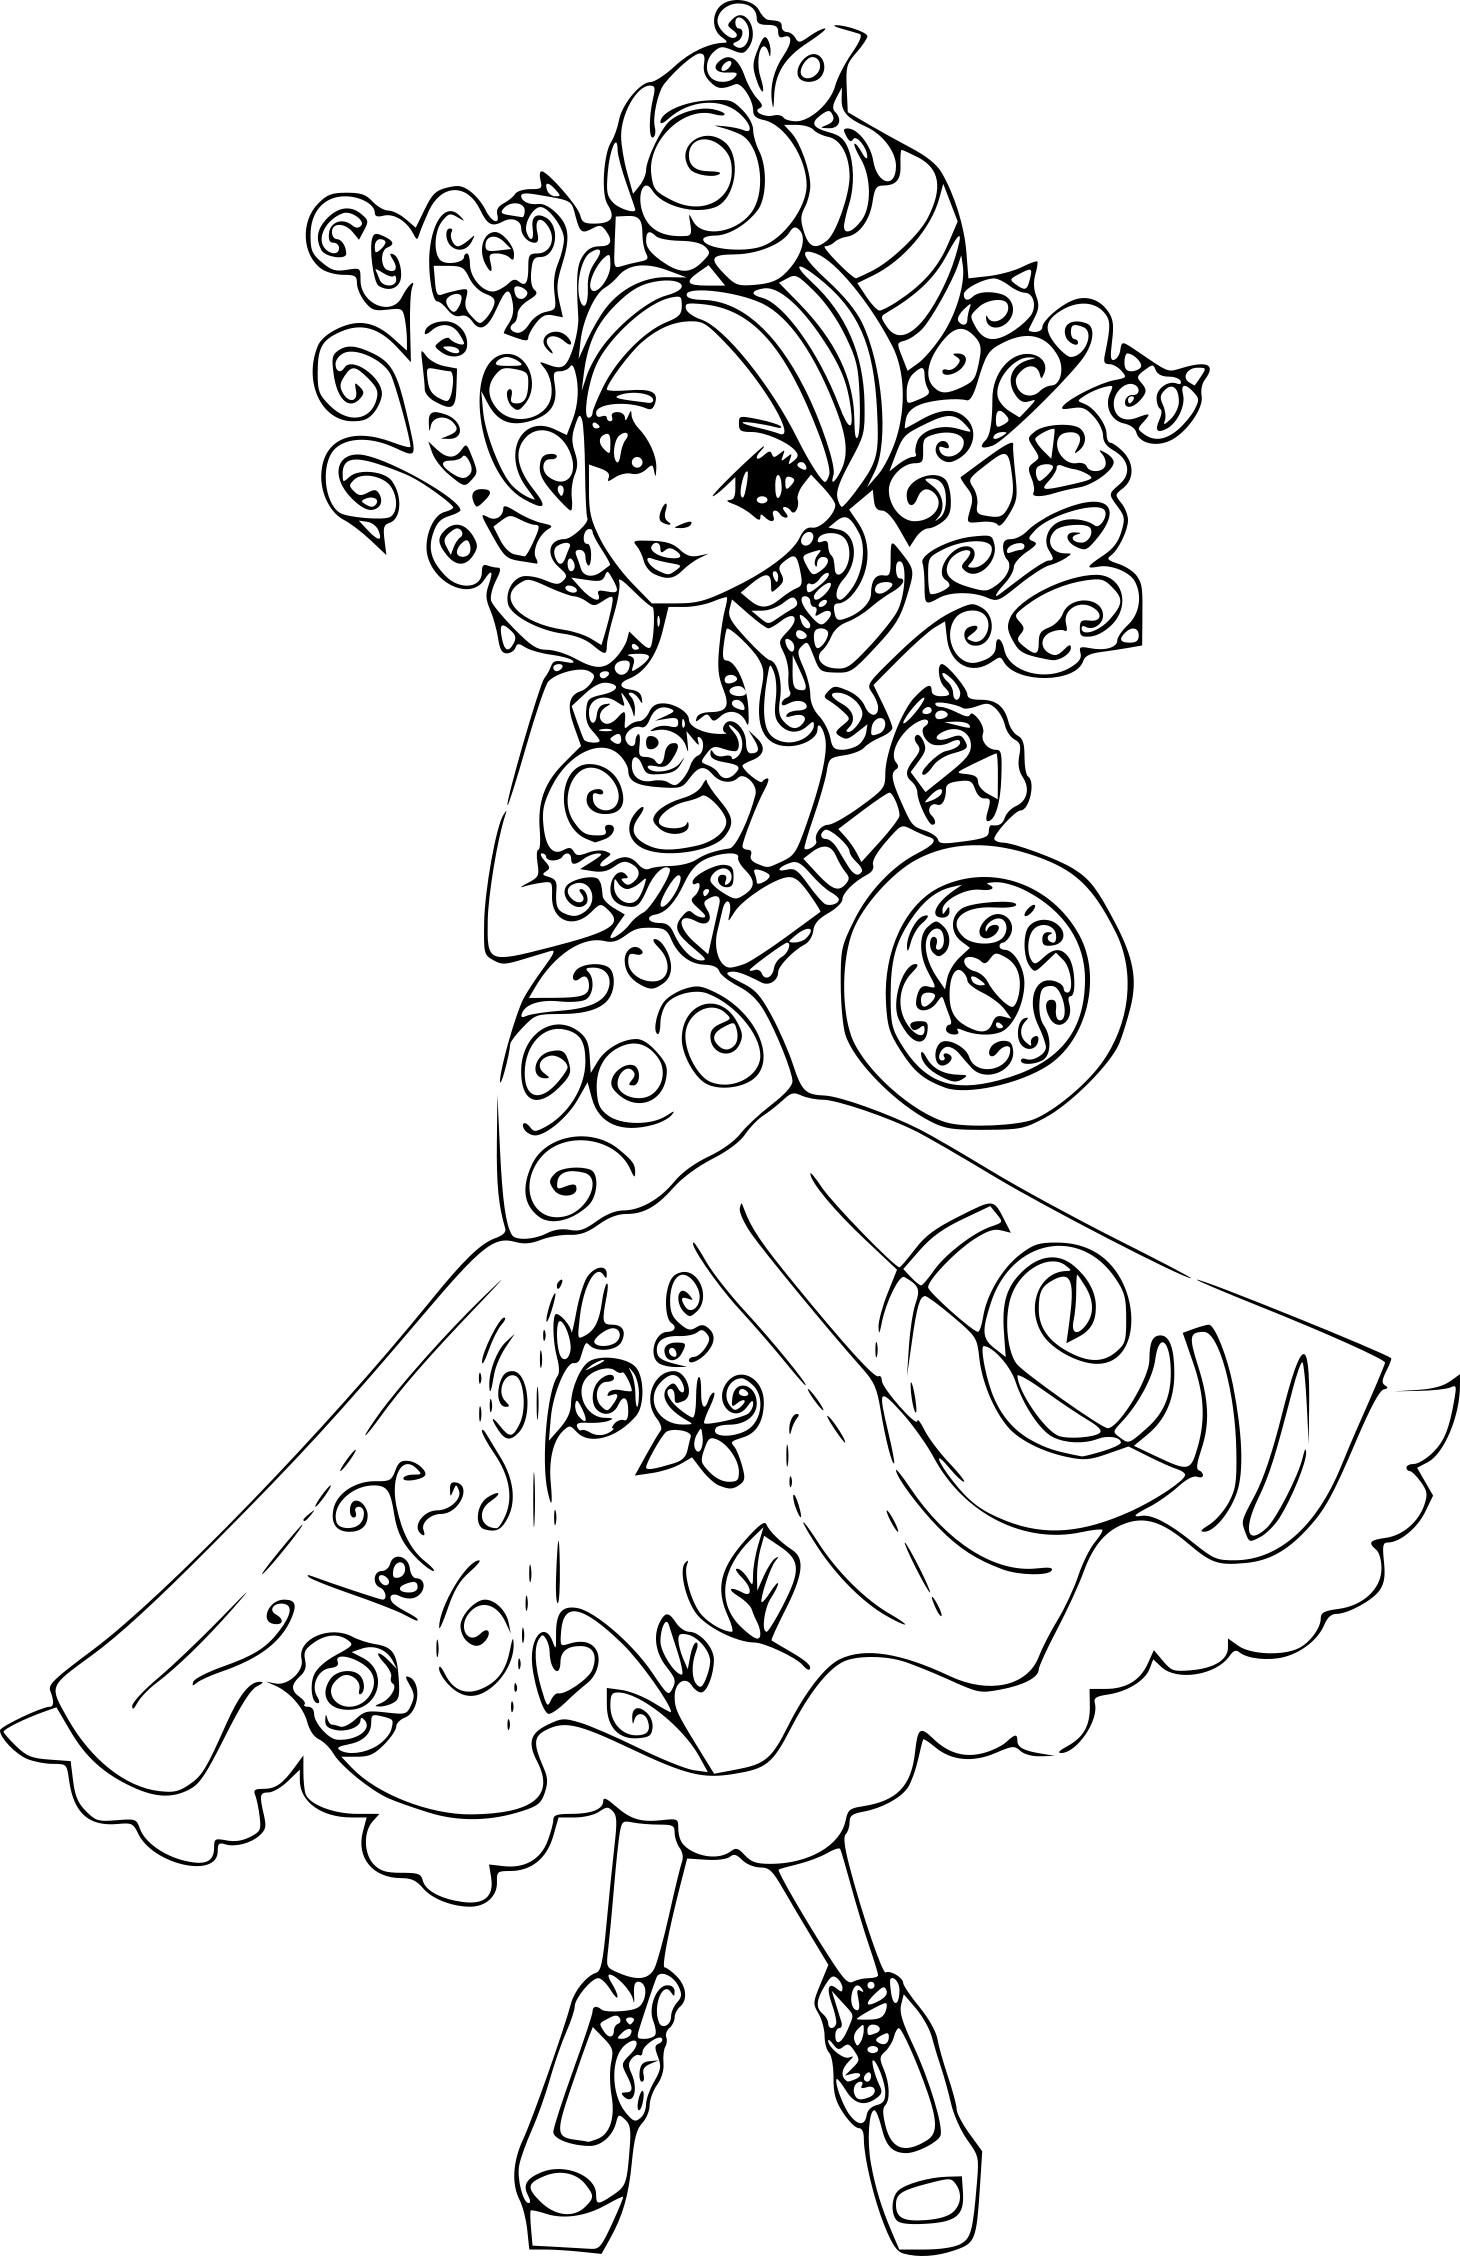 Coloriage Briar Beauty Belle Au Bois Dormant À Imprimer concernant Coloriage La Belle Au Bois Dormant